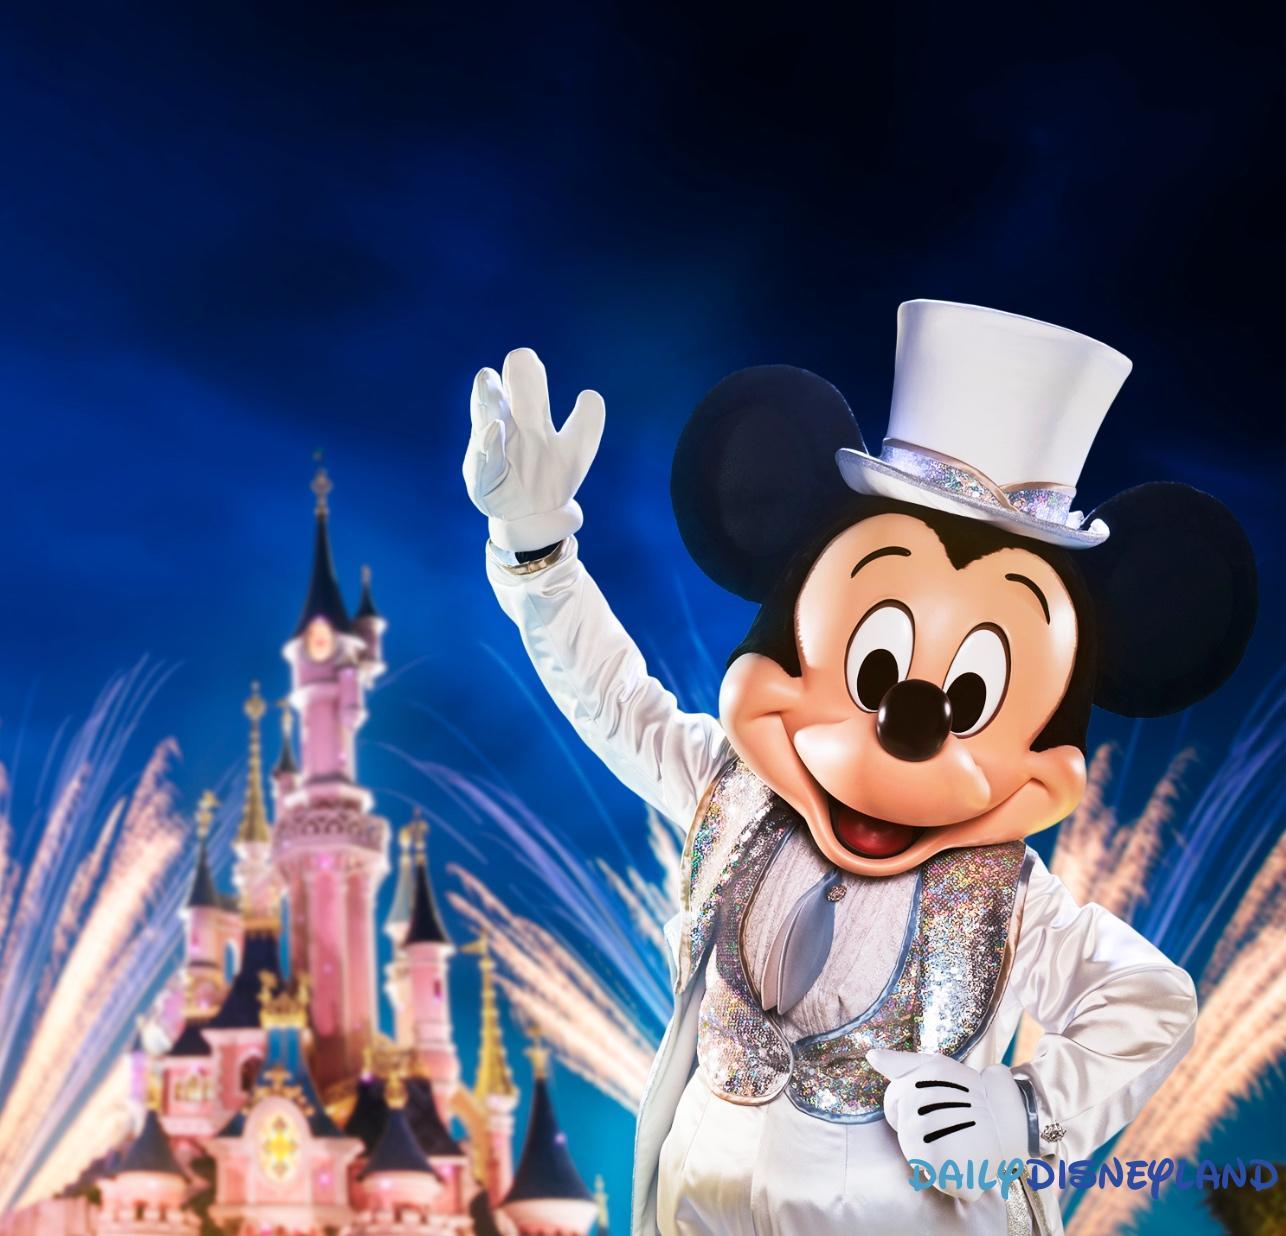 Image De Noel Walt Disney.Toutes Les Saisons A Venir En 2018 A Disneyland Paris